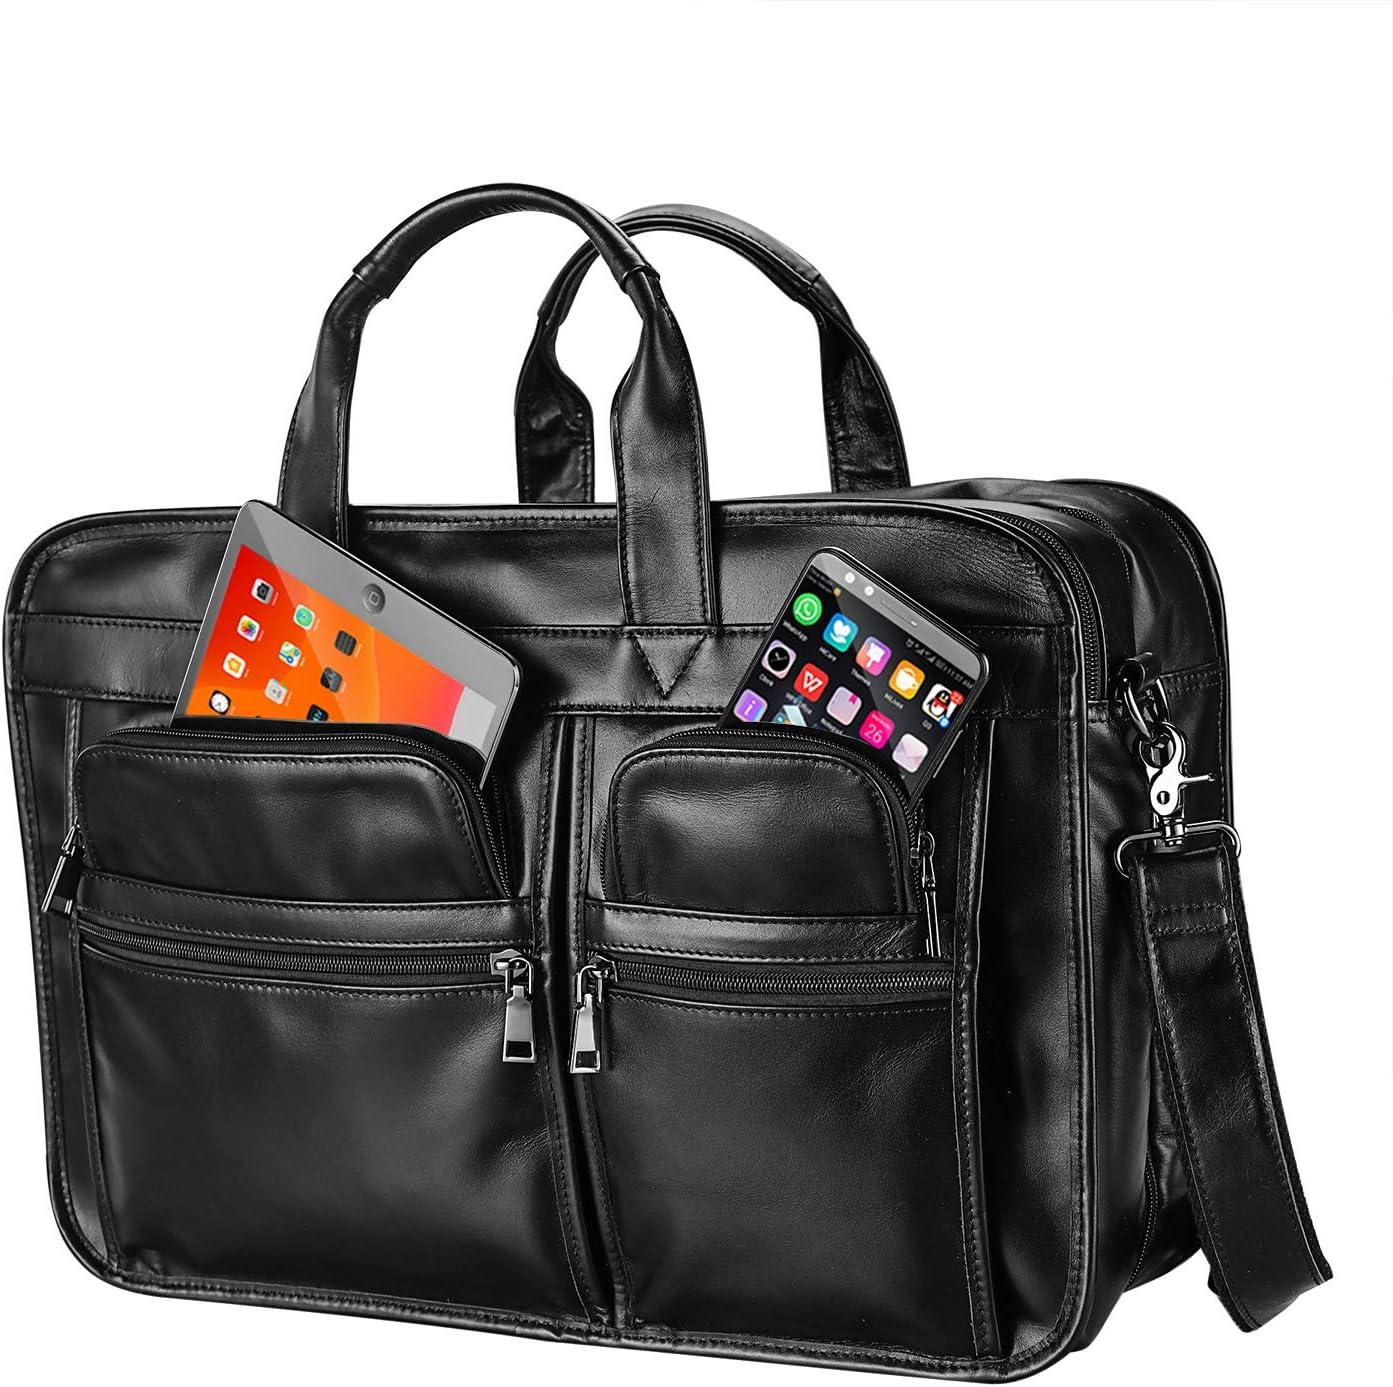 Mens Leather Briefcase Laptop Messenger Business Travel Shoulder Bag Fits 15 to 17 inch Laptop Black